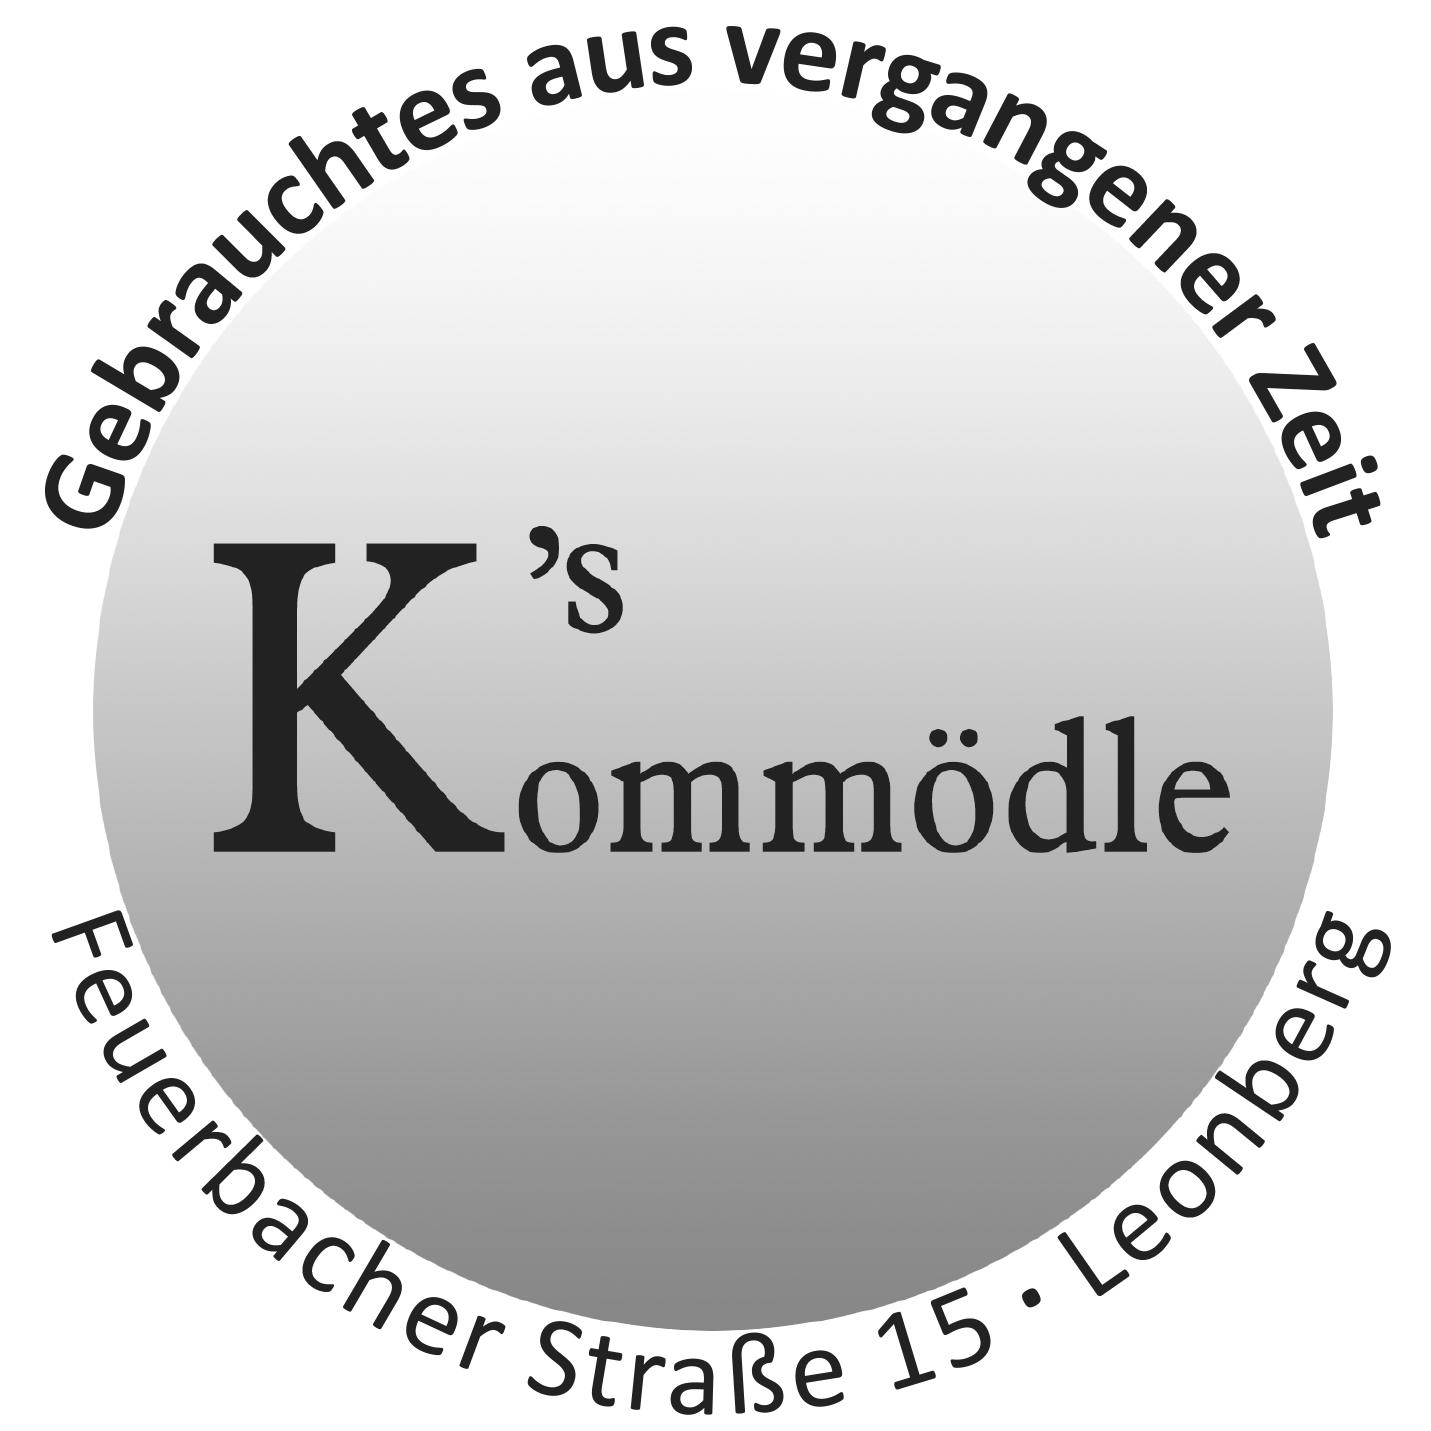 Logo von s' Kommödle